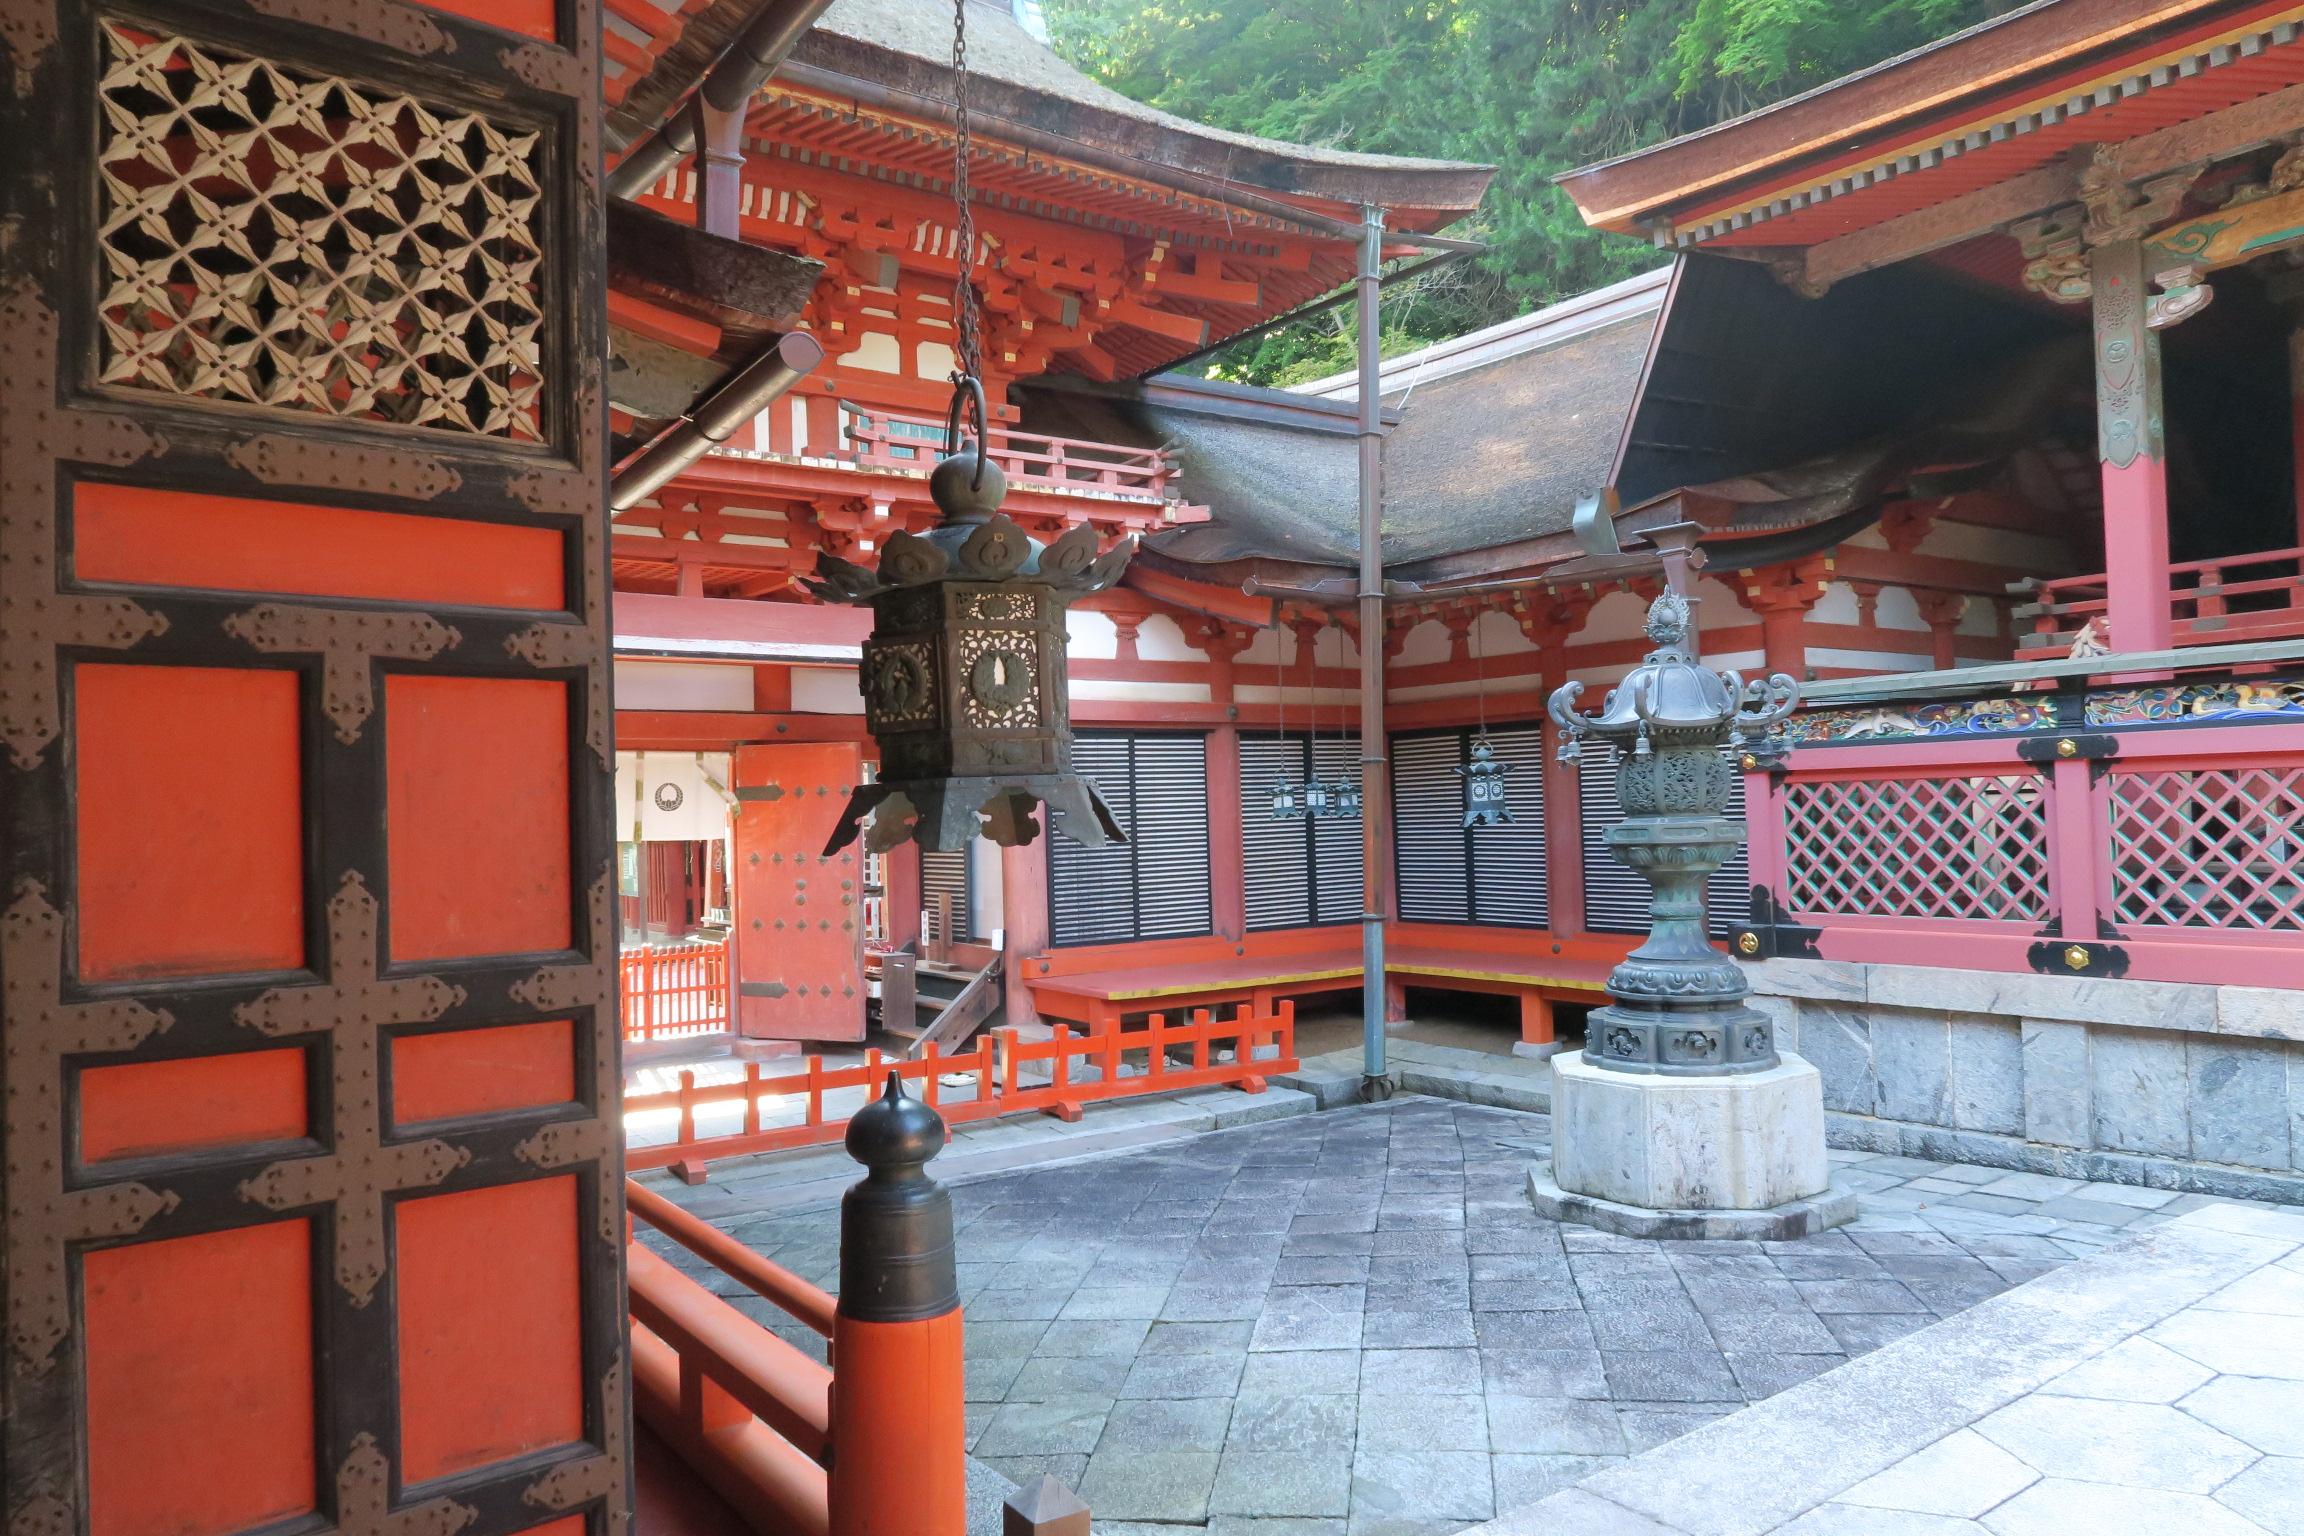 拝殿から見た楼門。非常に美しい建物です。